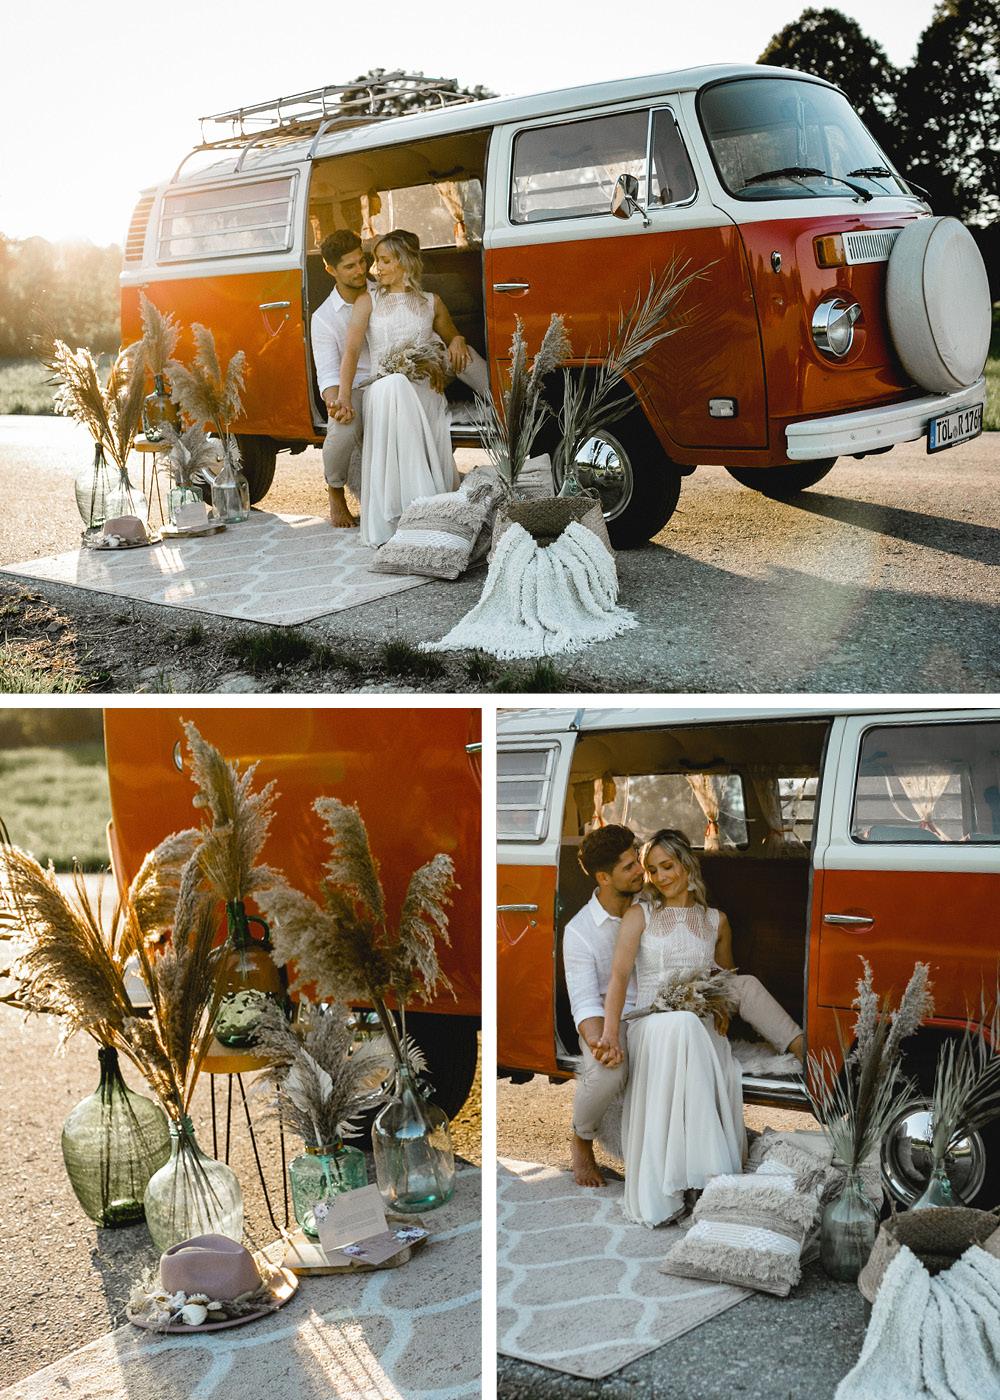 Die Deko um den Bulli herum besteht aus wunderschönen Vasen geschmückt mit Pampasgras und anderen Trockenpflanzen. Ein heller Teppich mit Ornamenten schmückt den Boden vor dem Bulli. Das Brautpaar posiert sitzend im Innenraum, durch die Sonne angeleuchtet